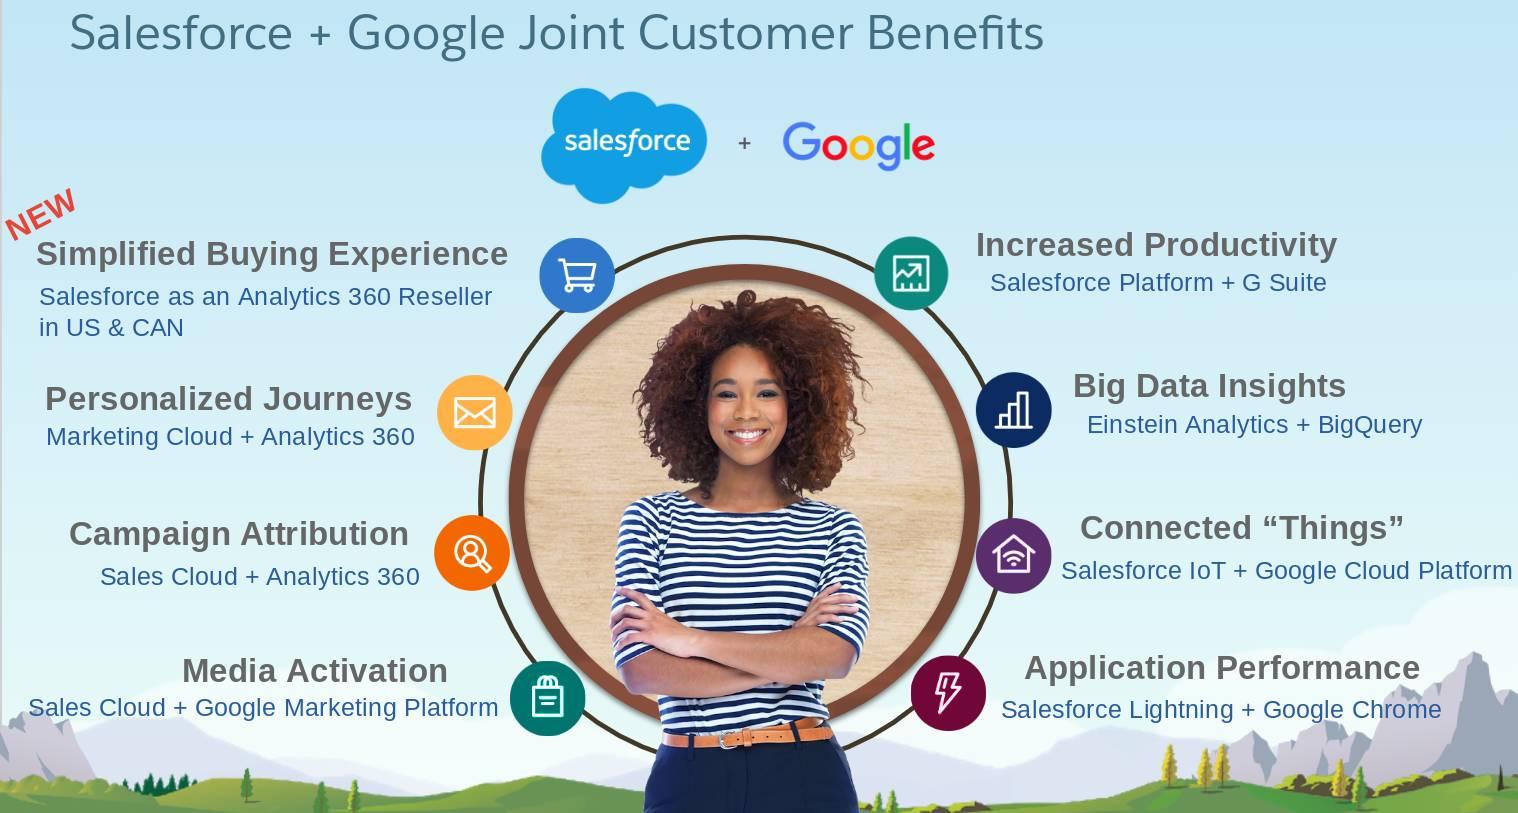 Zu den Vorteilen der Partnerschaft von Salesforce und Google zählen ein besseres Kundenverständnis, höhere Produktivität, aus Big Data gewonnene Erkenntnisse, Vernetzung (IoT), Anwendungsleistung, Medienaktivierung, Kampagnenzuordnung, personalisierte Journeys und eine einfachere Kauferfahrung.